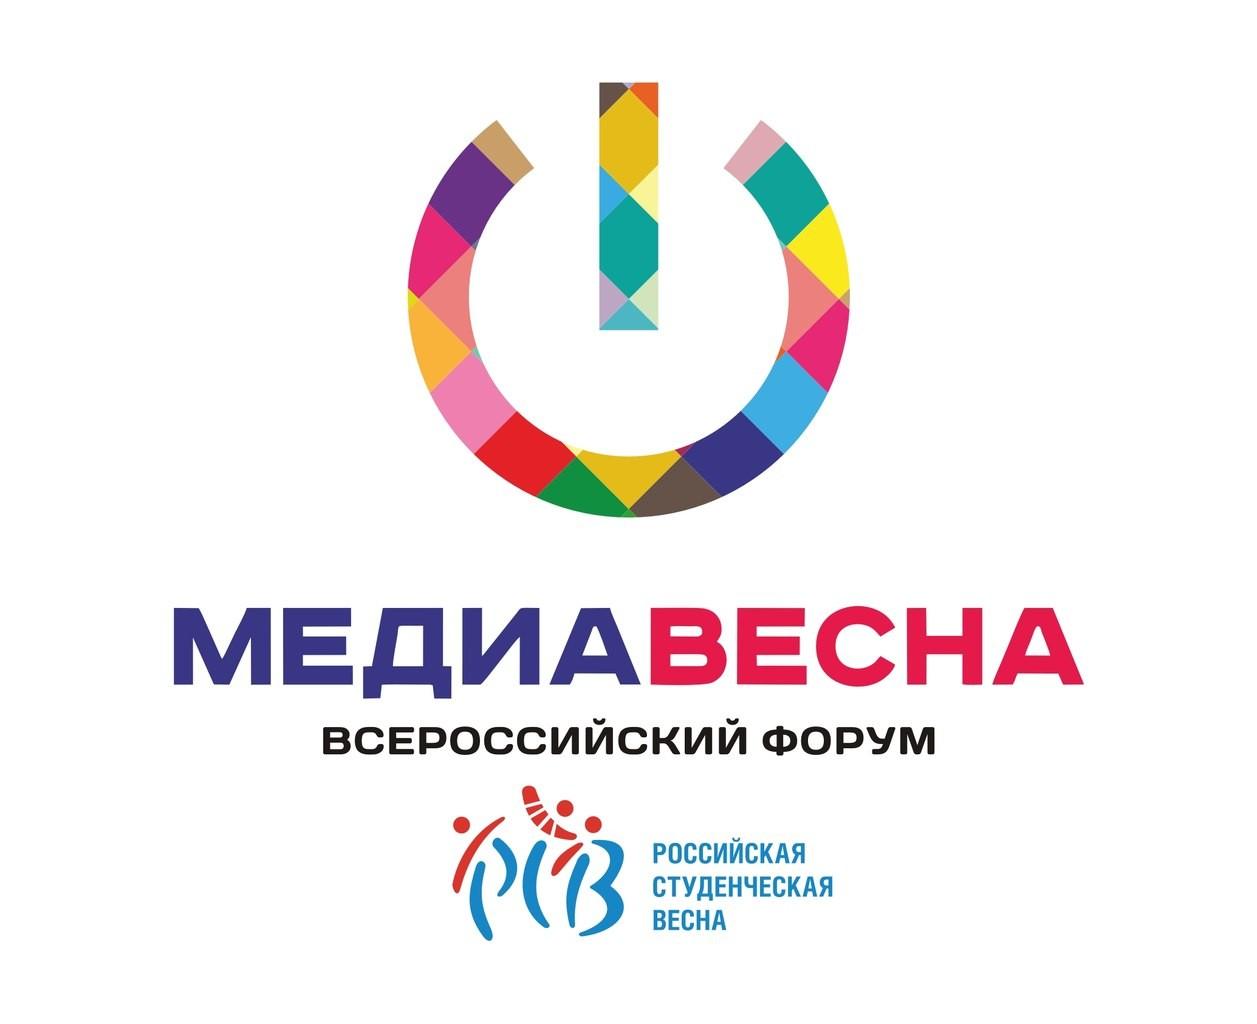 Видеорепортаж студентки из Тверской области стал лучшим на Всероссийском форуме «Медиавесна»